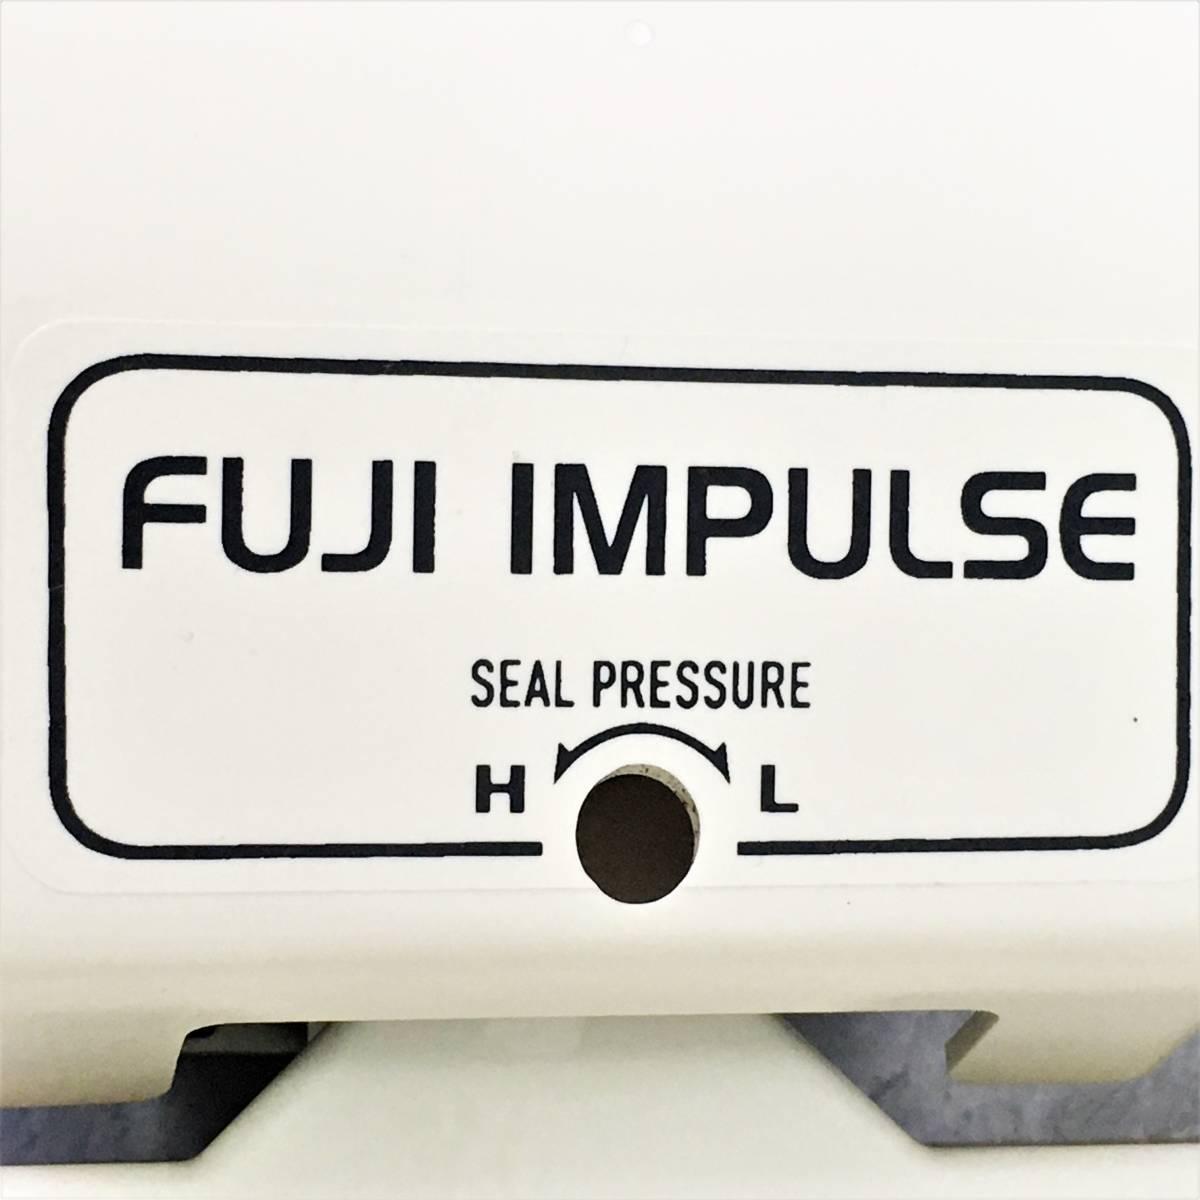 富士インパルス/ショップシーラー/FS-215/100V/卓上型/電気/手動/50-60Hz/包装/ラッピング/密閉/店舗用品/接着機械/FUJI IMPULSE/1_画像7